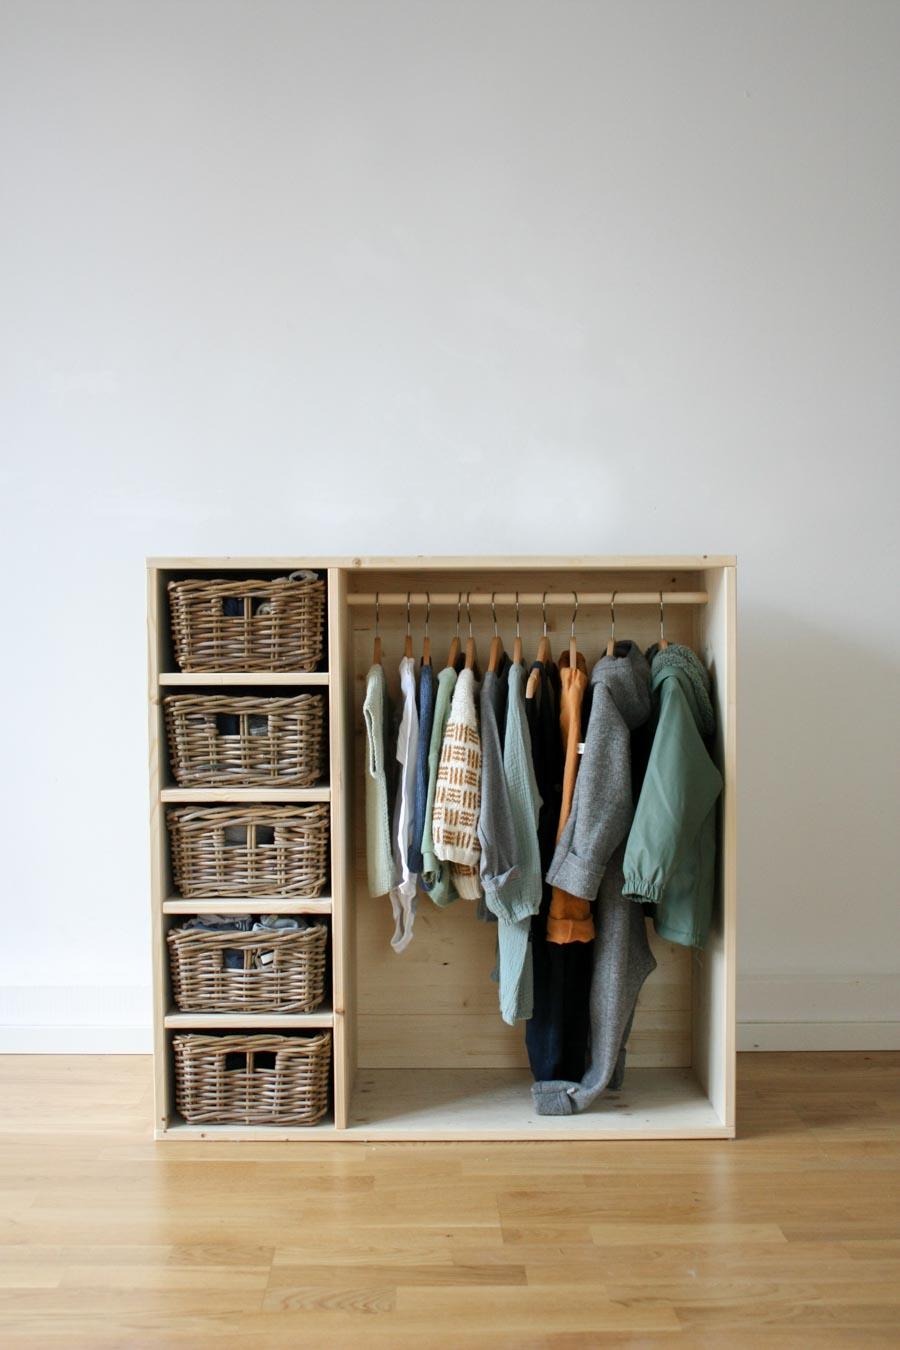 Kleiderschrank nach Montessori: DIY Kindermöbel für ein Montessori Kinderzimmer für Kleinkinder (ab zwei Jahre) #holz #wenigplatz #diyidee #möbel